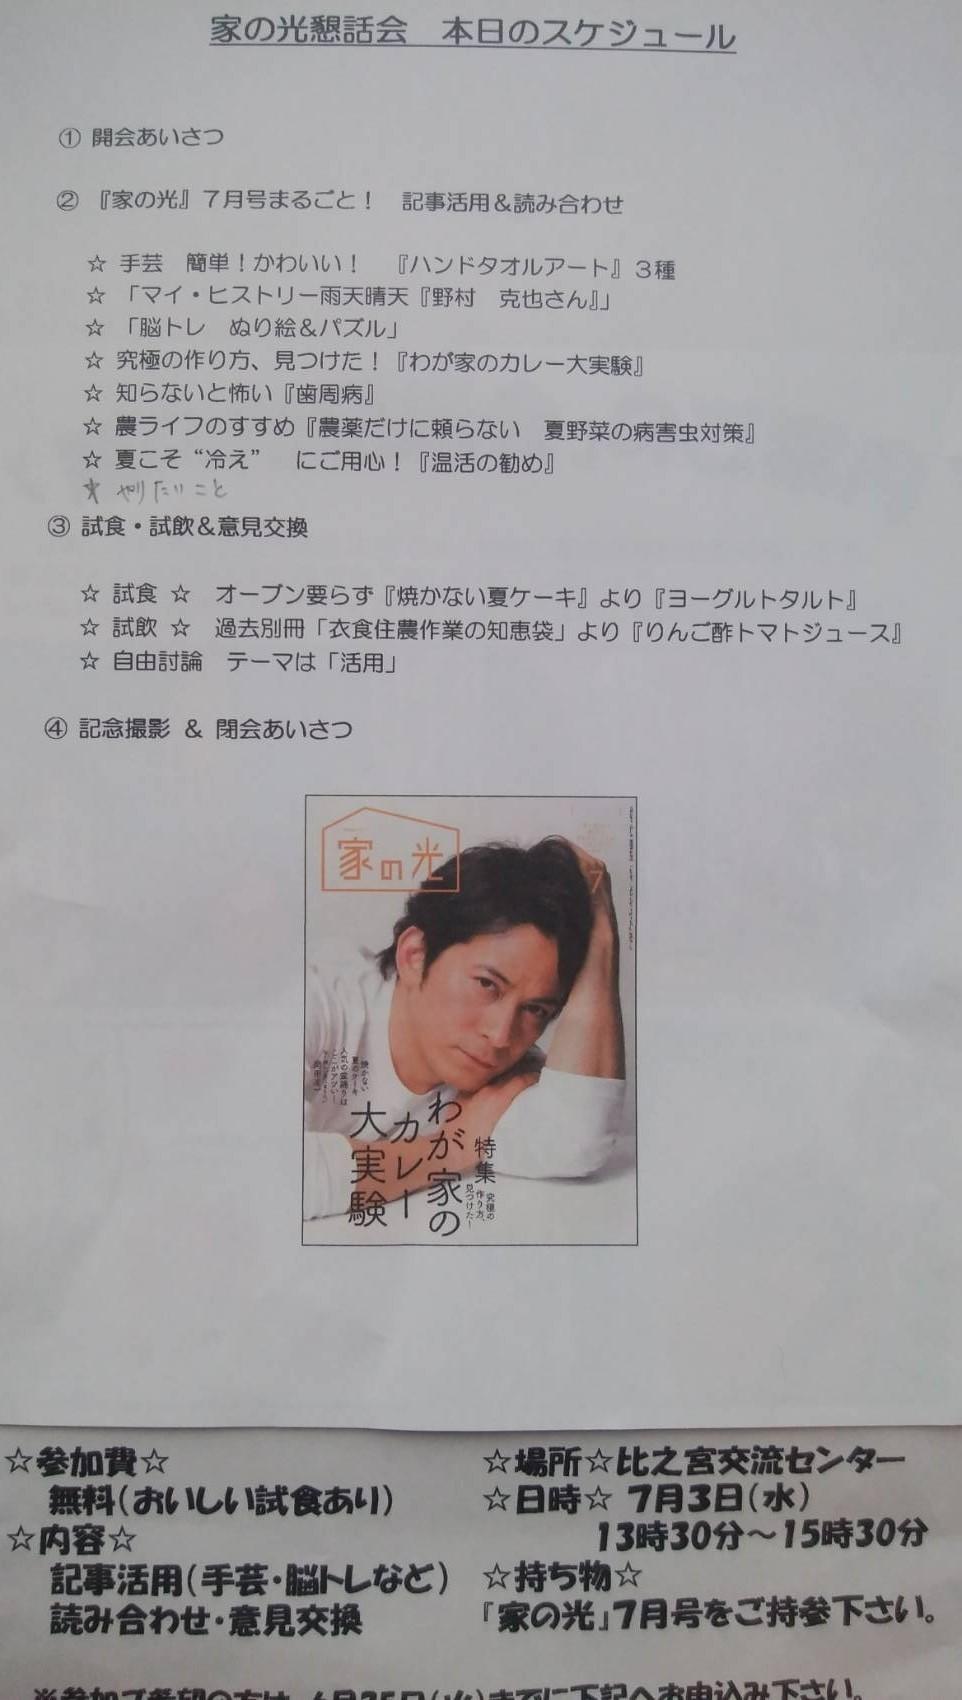 家の光懇話会 in大和_b0270977_22061990.jpg